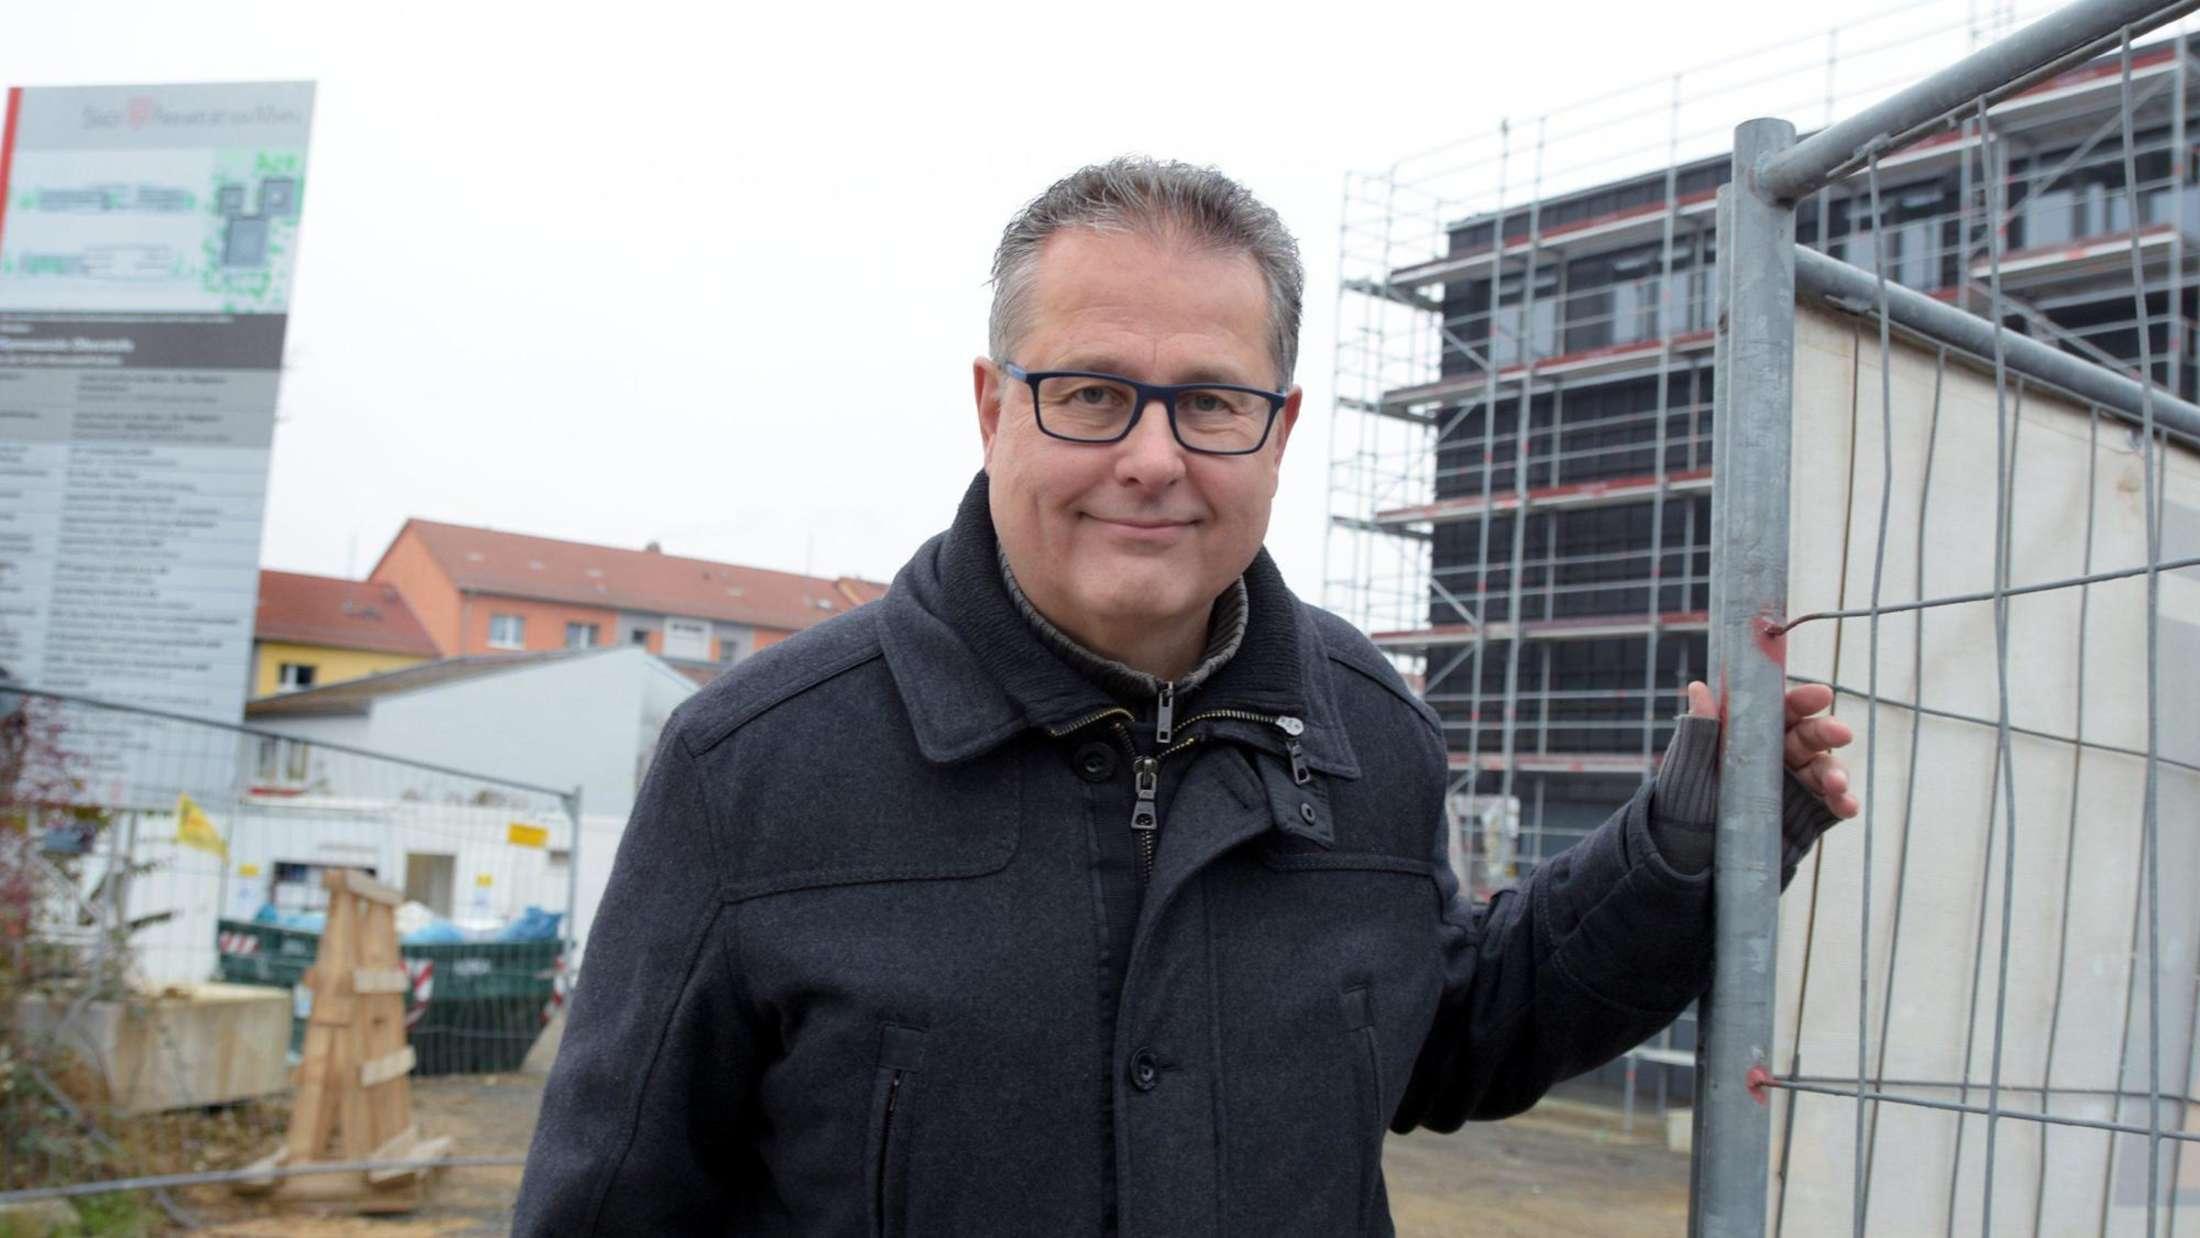 ortsvorsteher-robert-lange-an-der-baustelle-der-neuen-gymnasialen-oberstufe-der-preungesheimer-carlo-mierendorff-schule